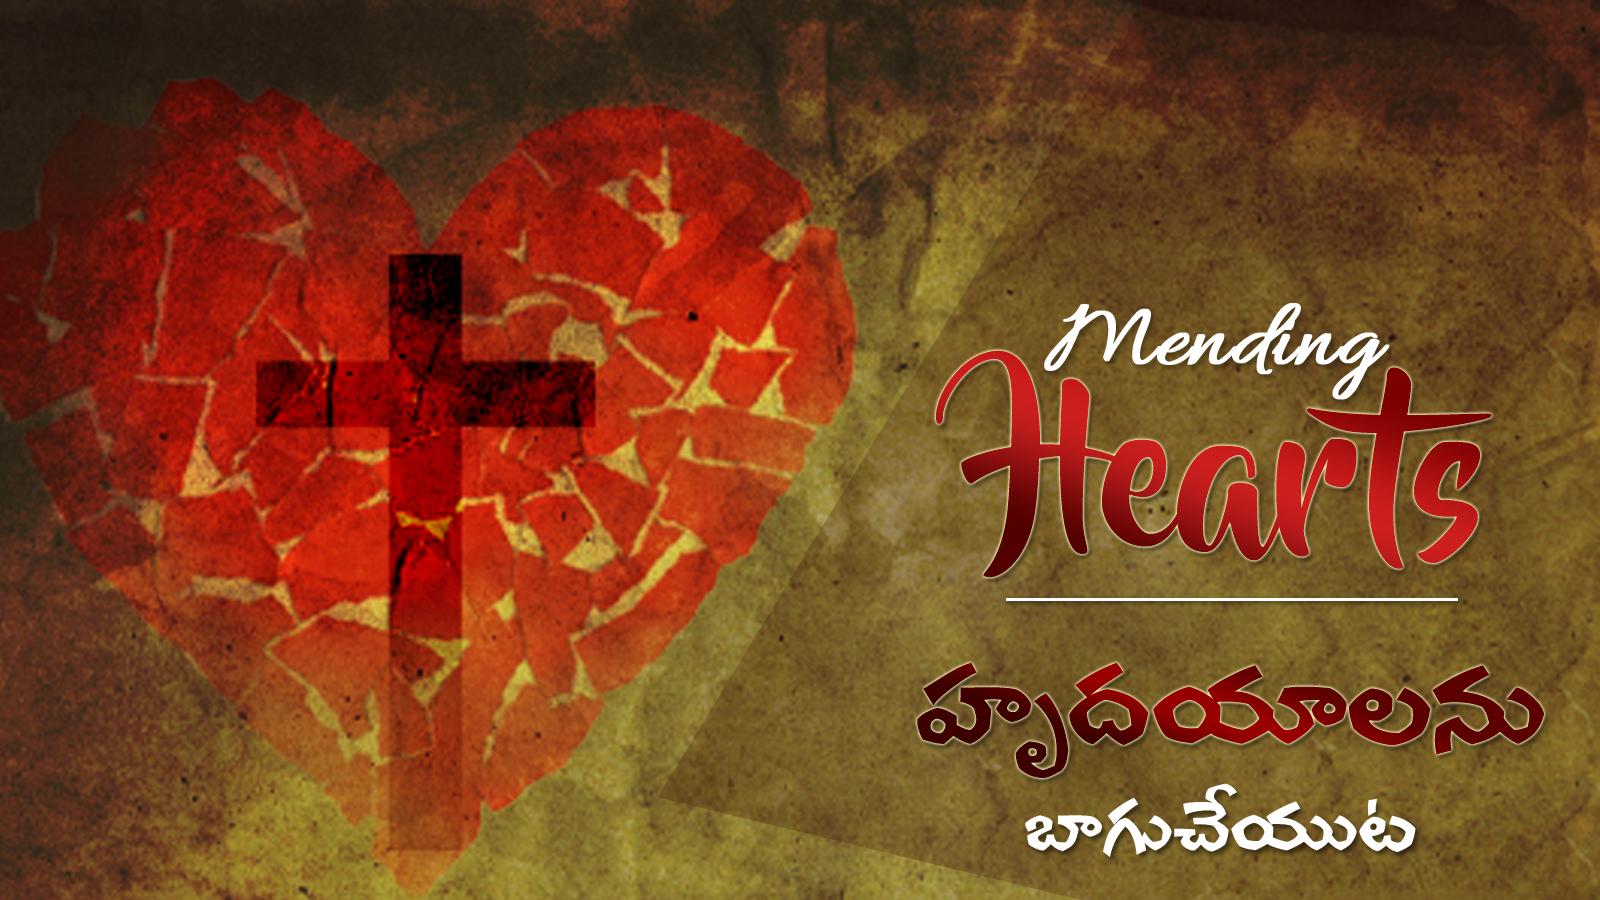 Mending Hearts (A287)